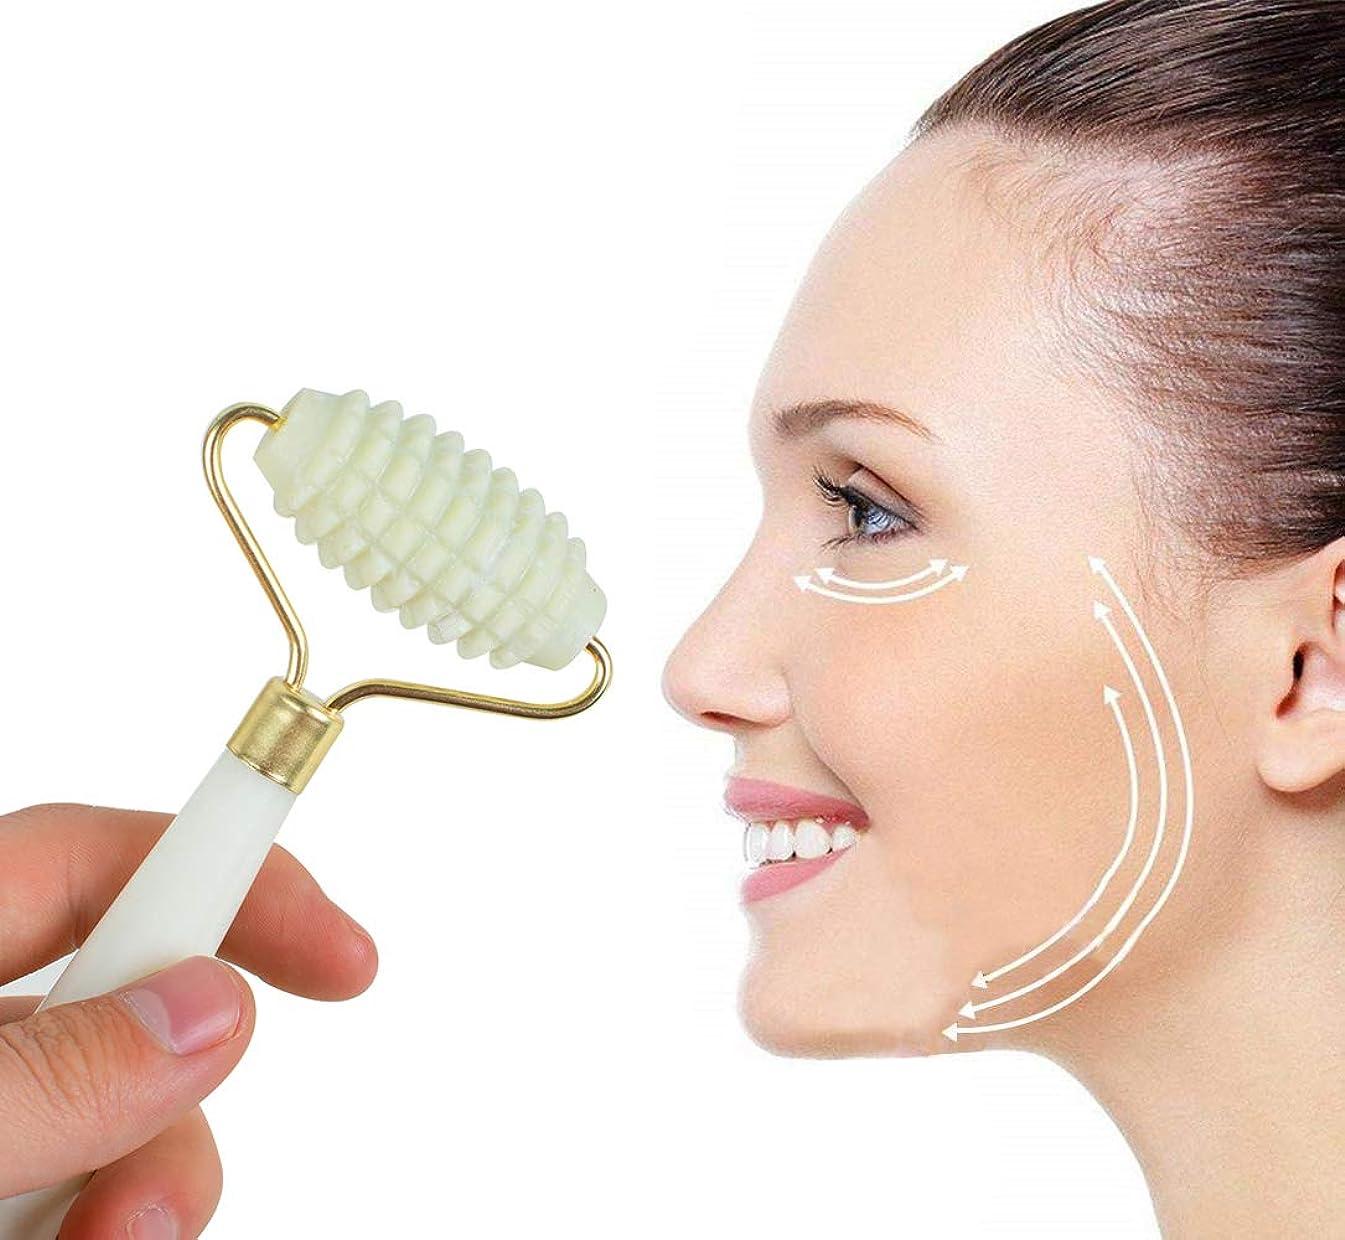 アクセント感嘆天才Fairmall 天然石 美顔ローラー フェイスローラー マッサージローラー 美顔器具 しわと腫れ解消 新陳代謝を促進する 筋肉緩和 天然玉の材質 フェイスケア